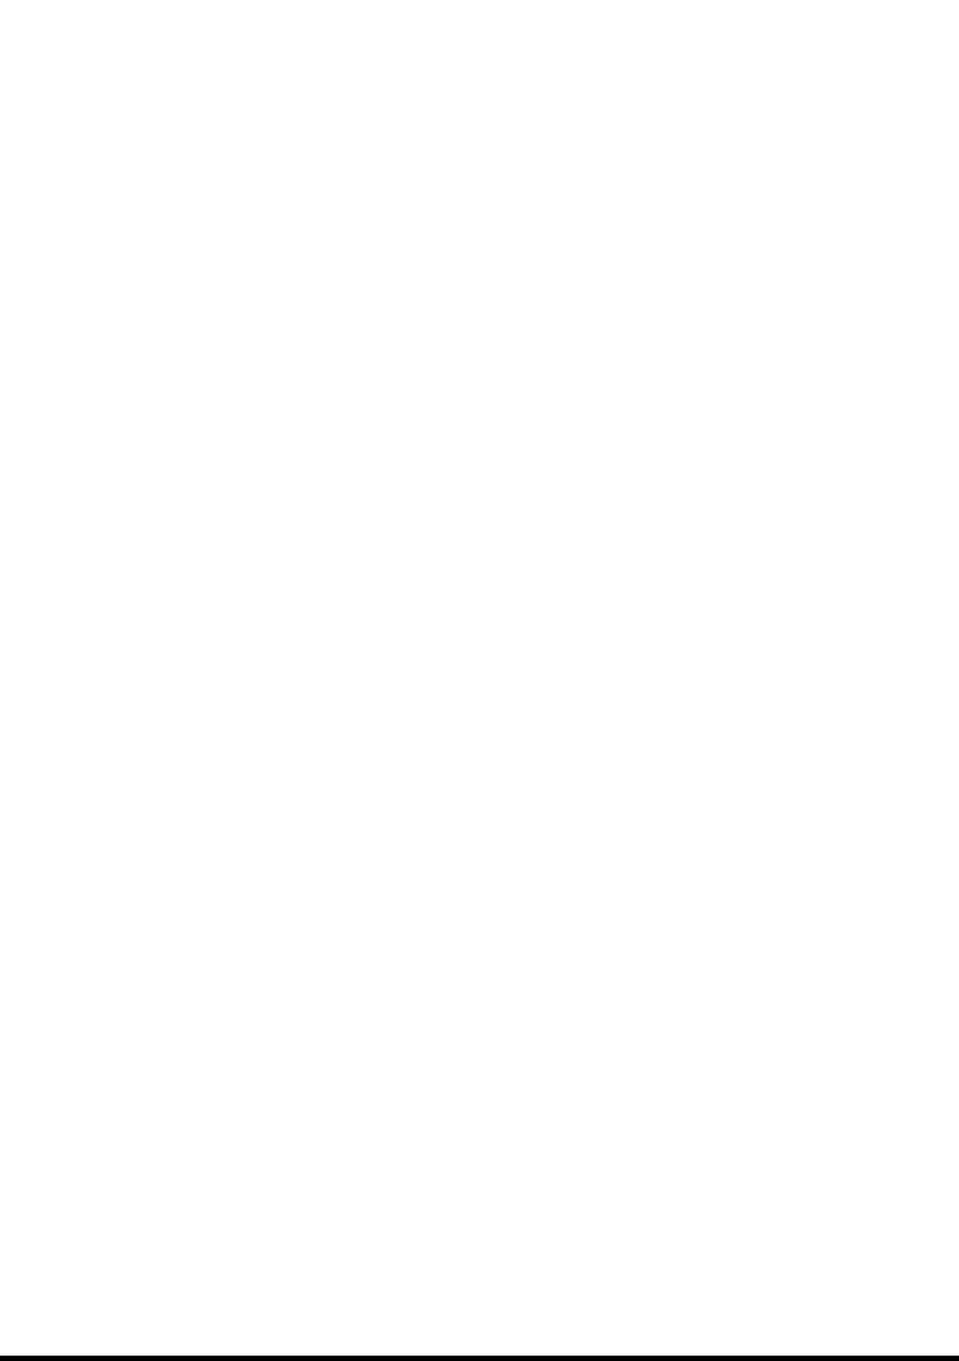 2017年地理试题毕业质量检测初中(漳州市有答科技创新v地理初中组图片